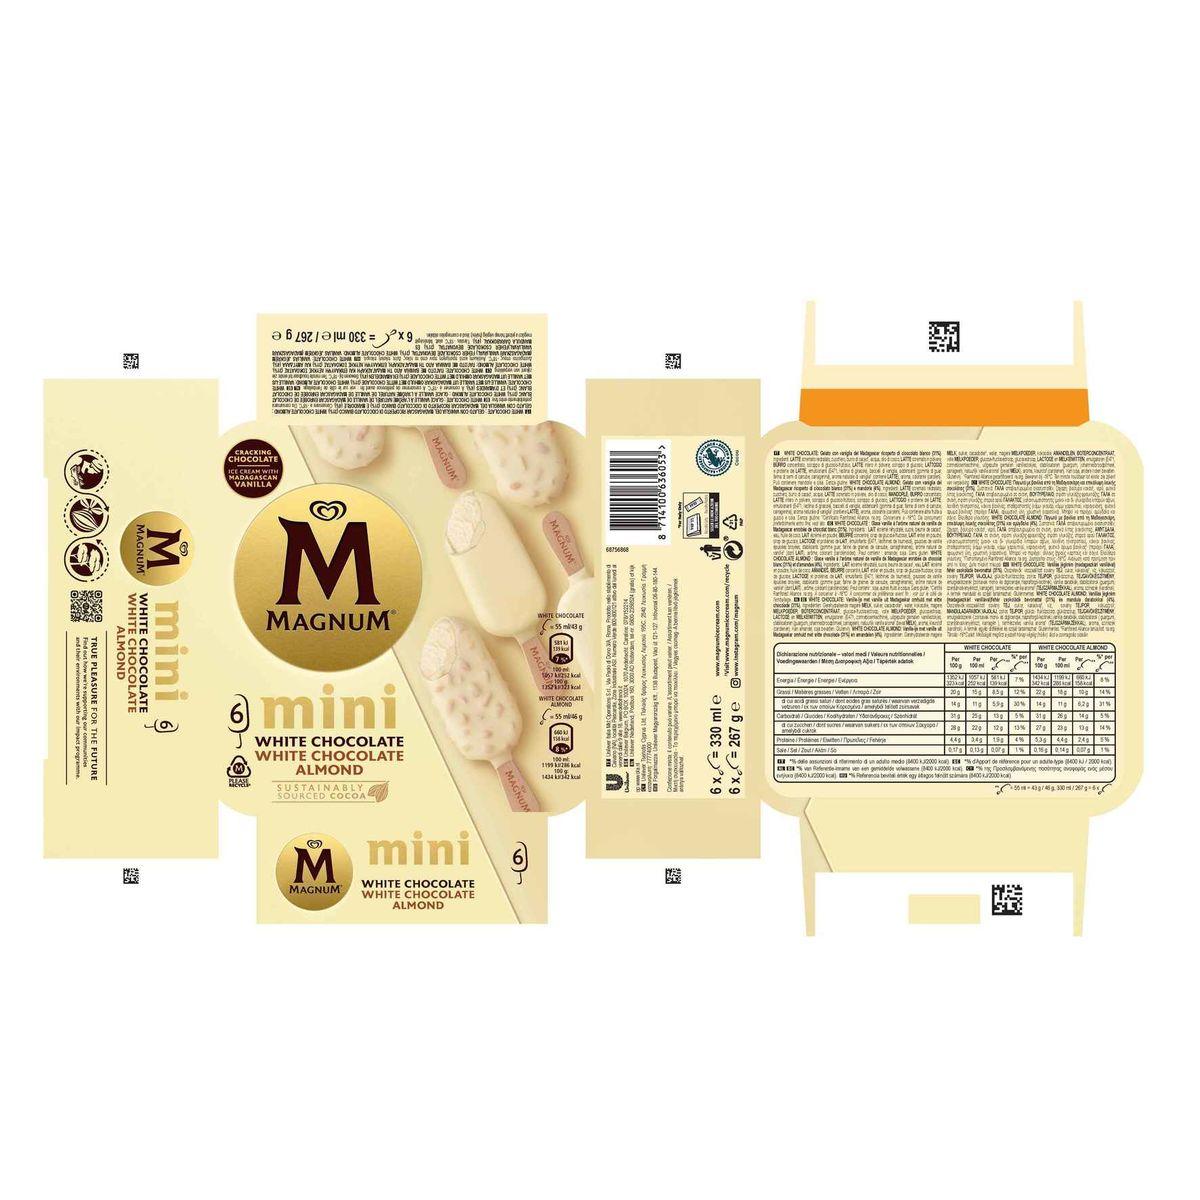 Magnum Ola Multipack Ijs Mini White - Almond White 6 x 55 ml